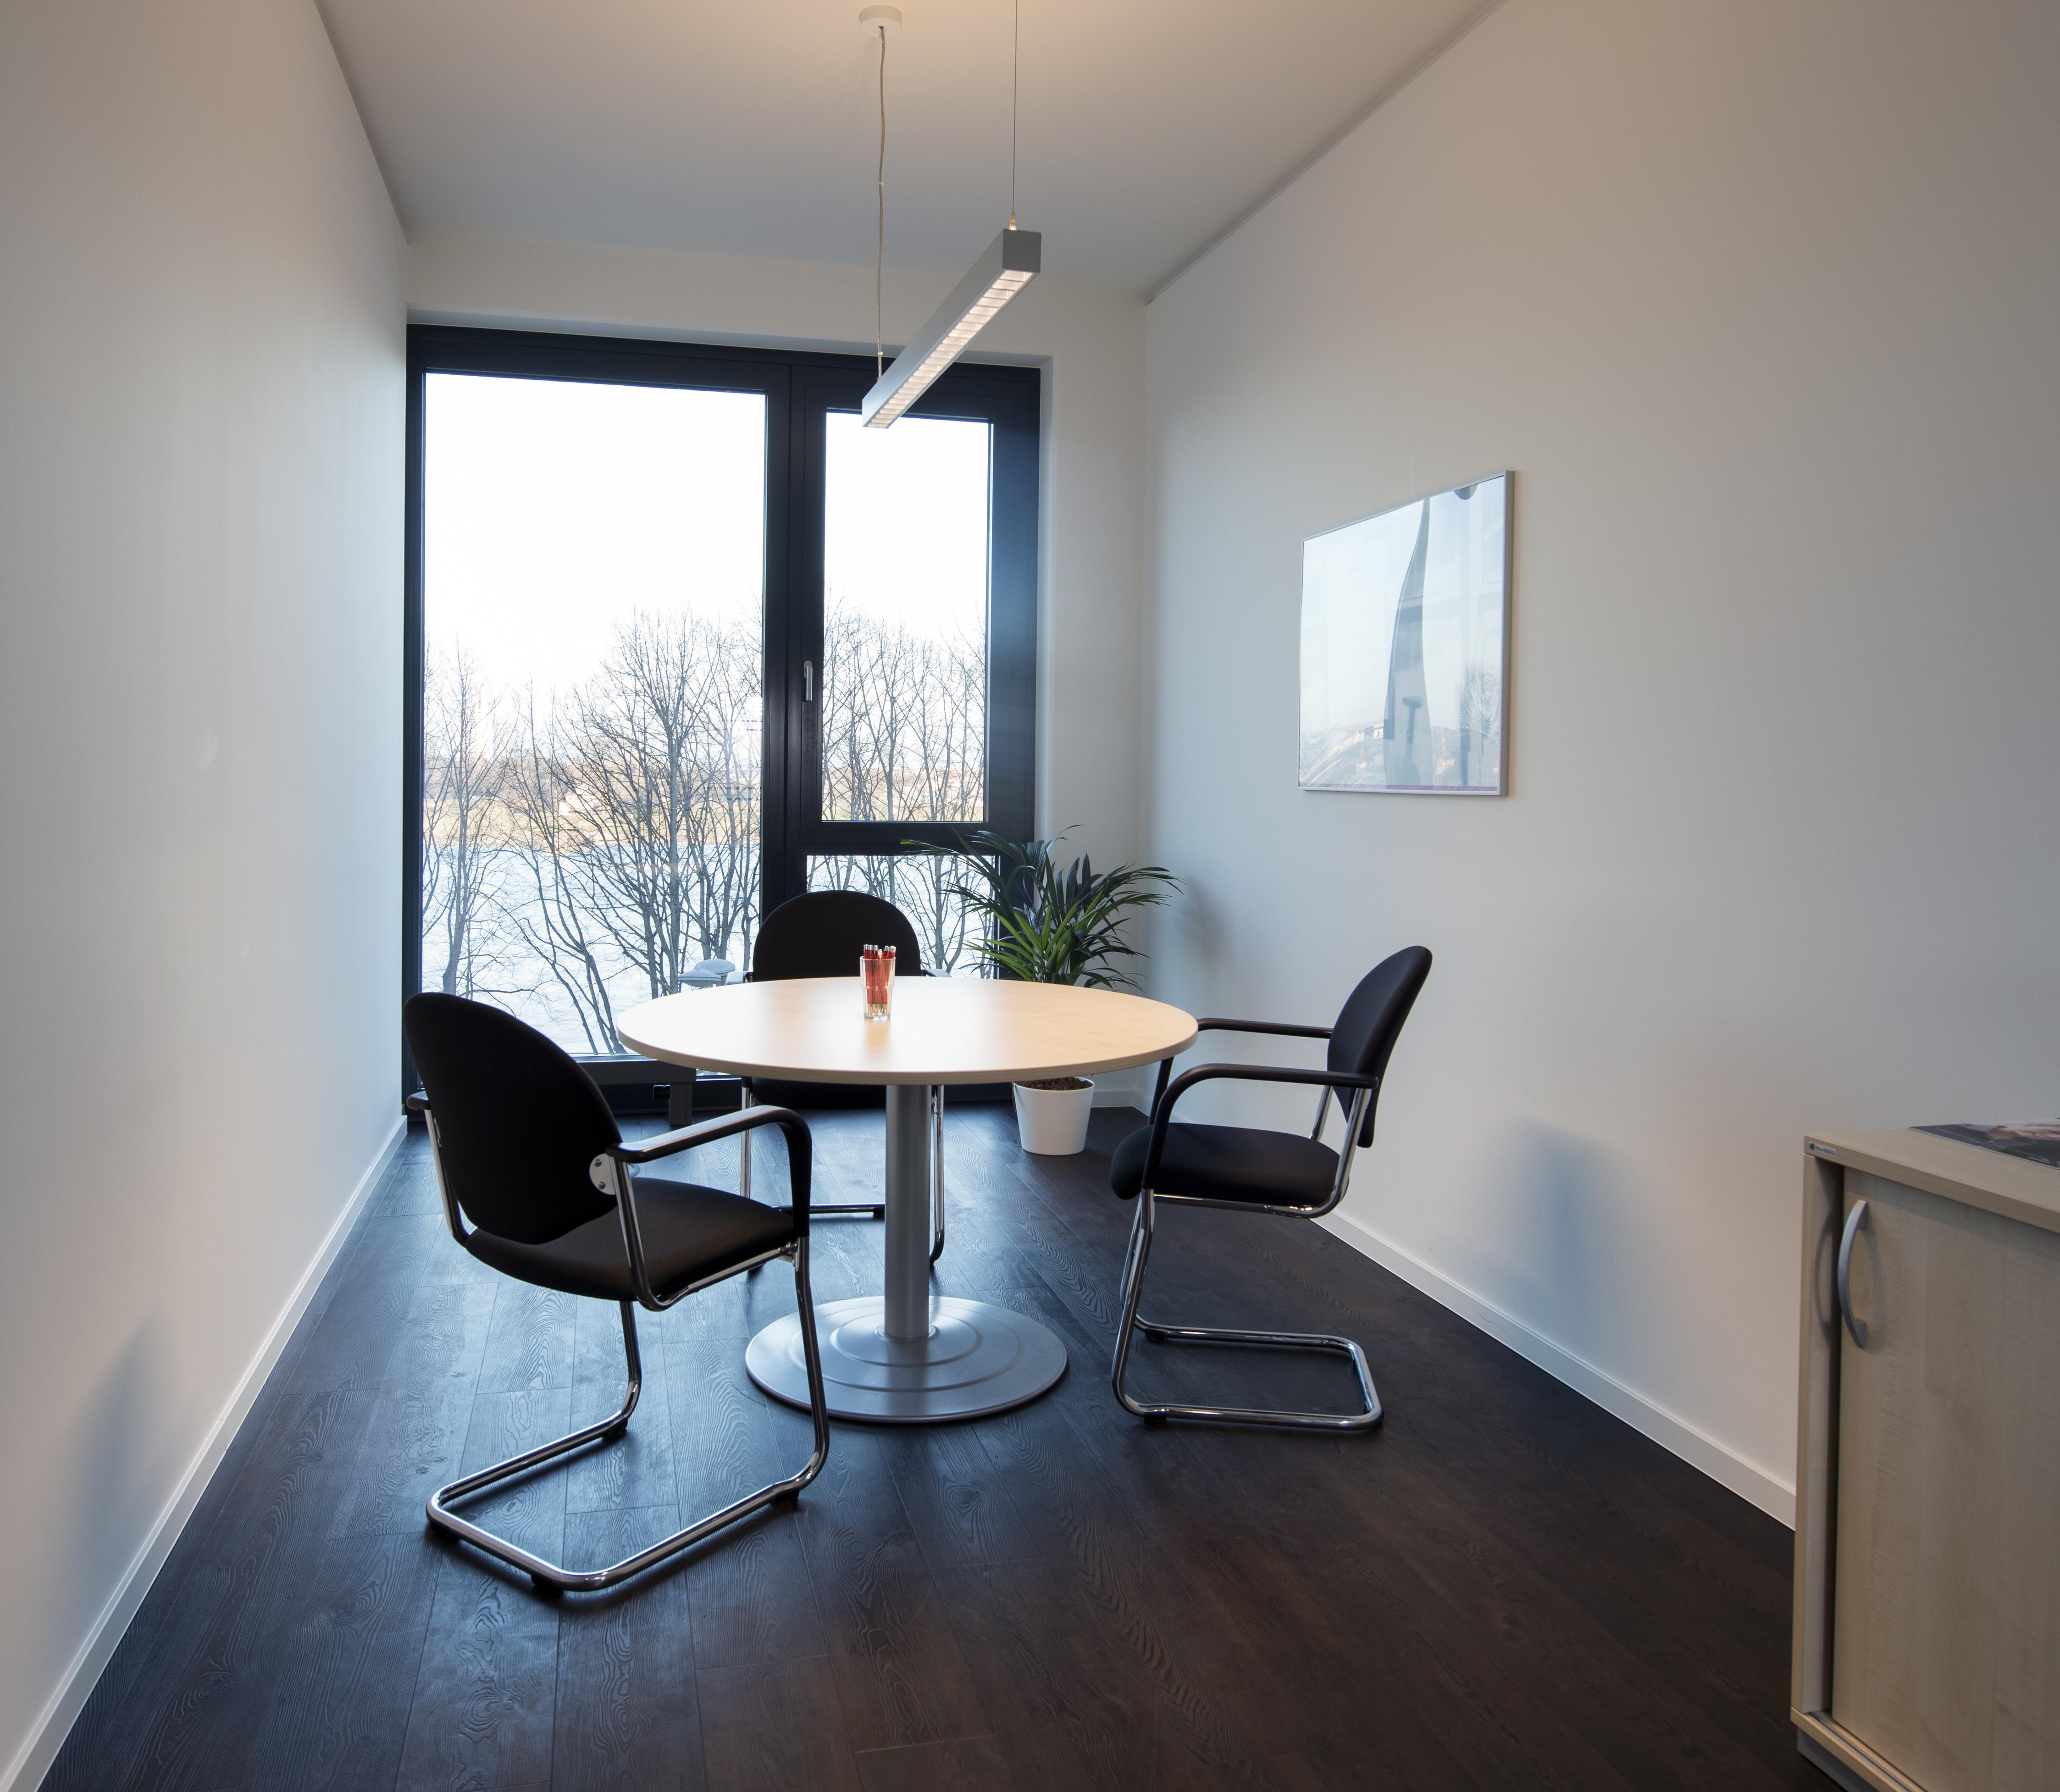 stellenangebote personalvermittlung und zeitarbeit f r k ln in 50968 umkreis 100km seite 1. Black Bedroom Furniture Sets. Home Design Ideas